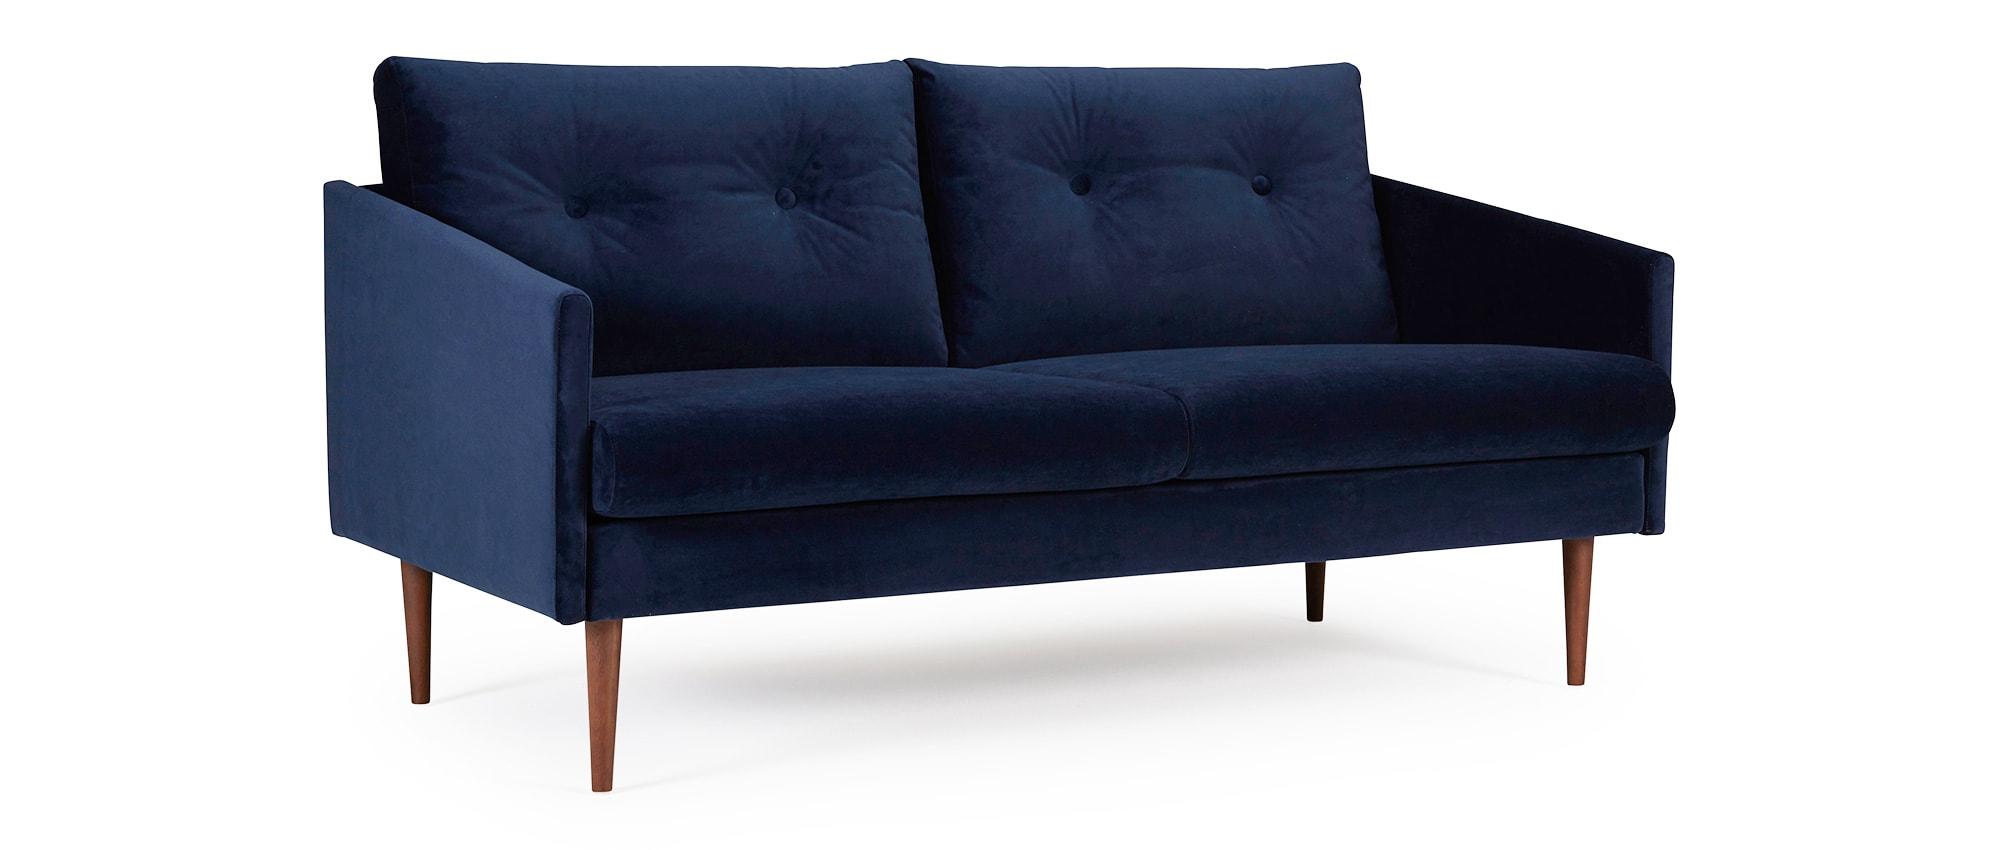 designer sofa karlstad als 2 5 sitzer mit polsterarmlehnen und runden seitenkissen. Black Bedroom Furniture Sets. Home Design Ideas